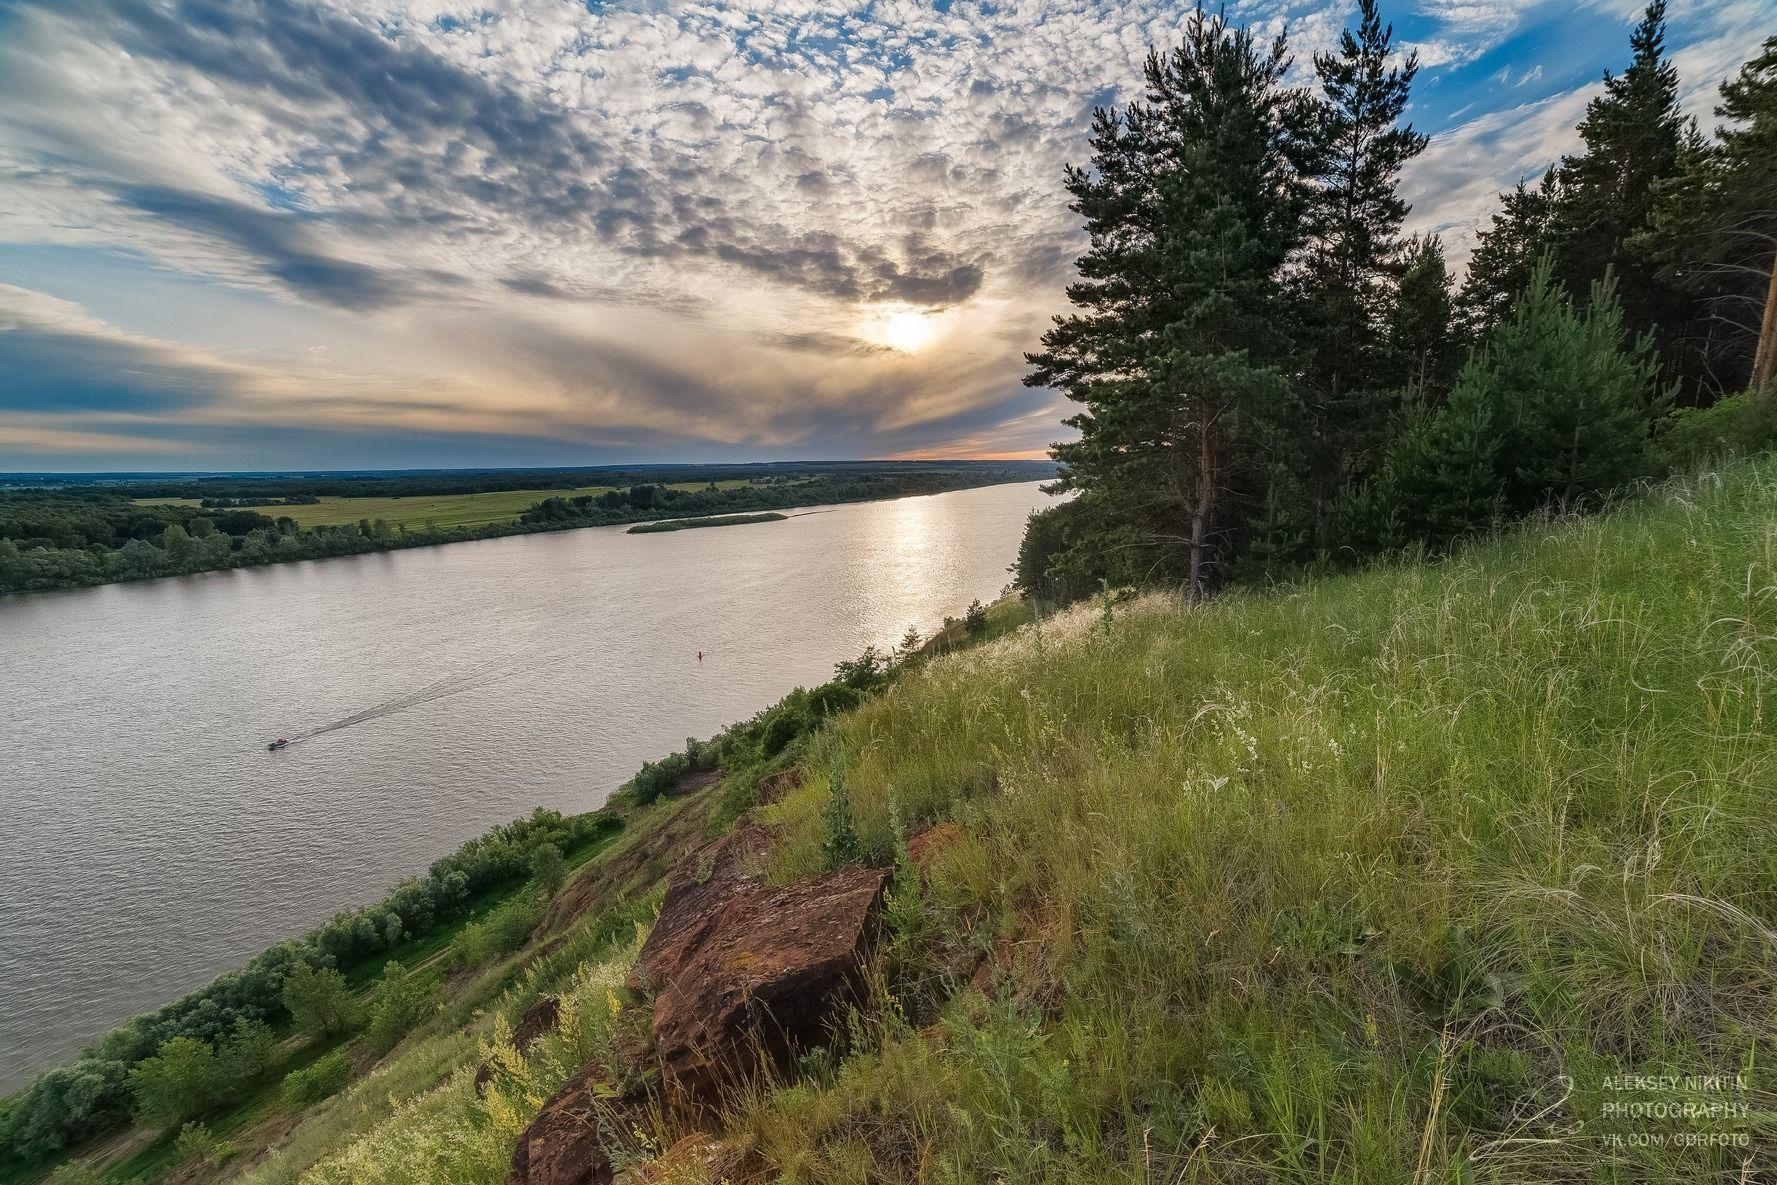 река Белая, солнце в облаках